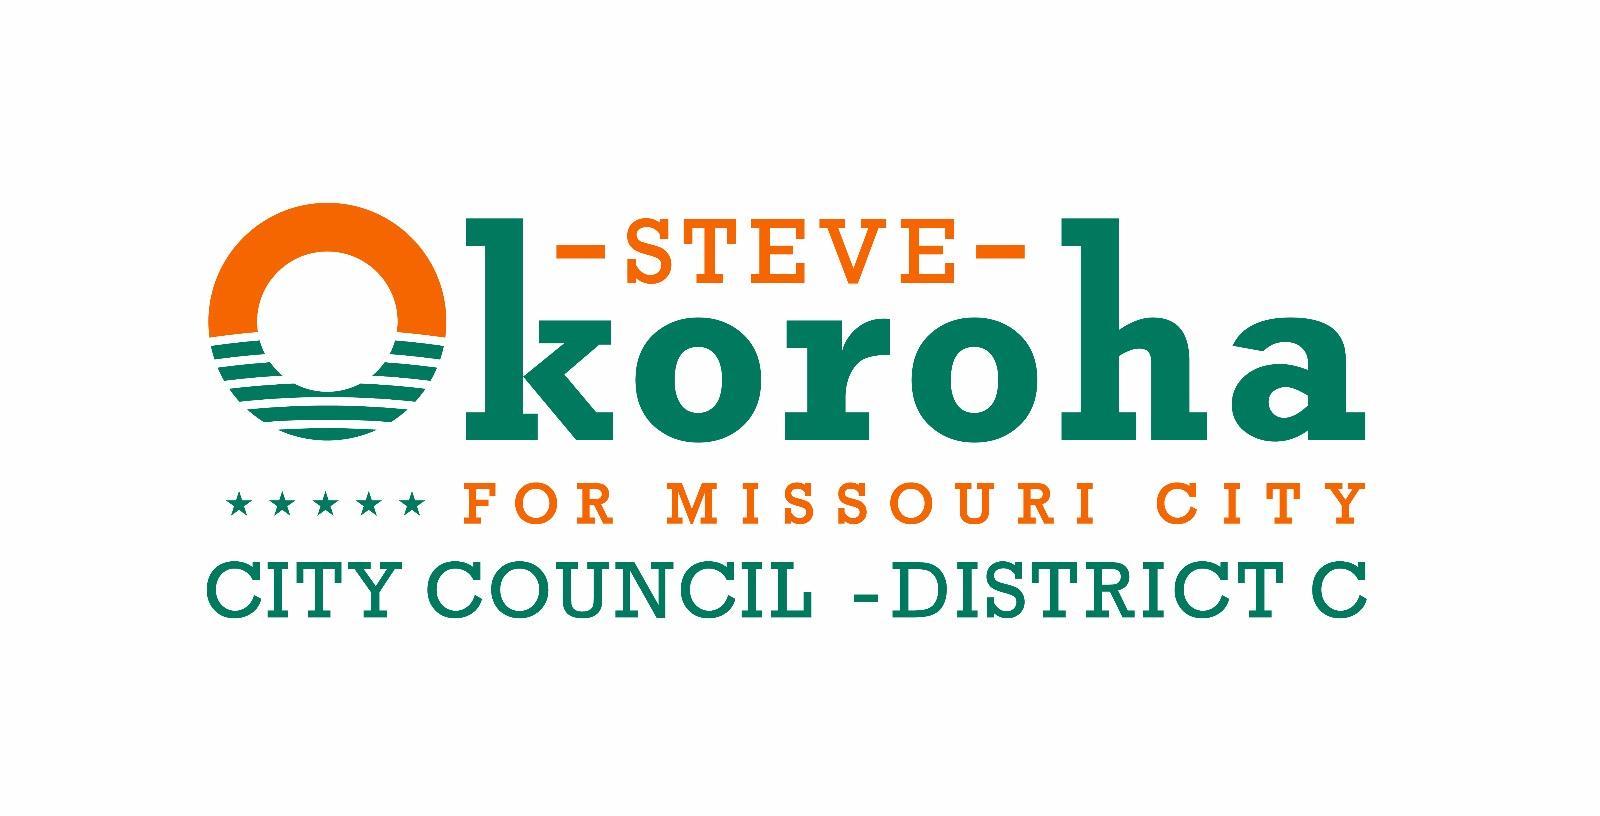 Steve Okoroha